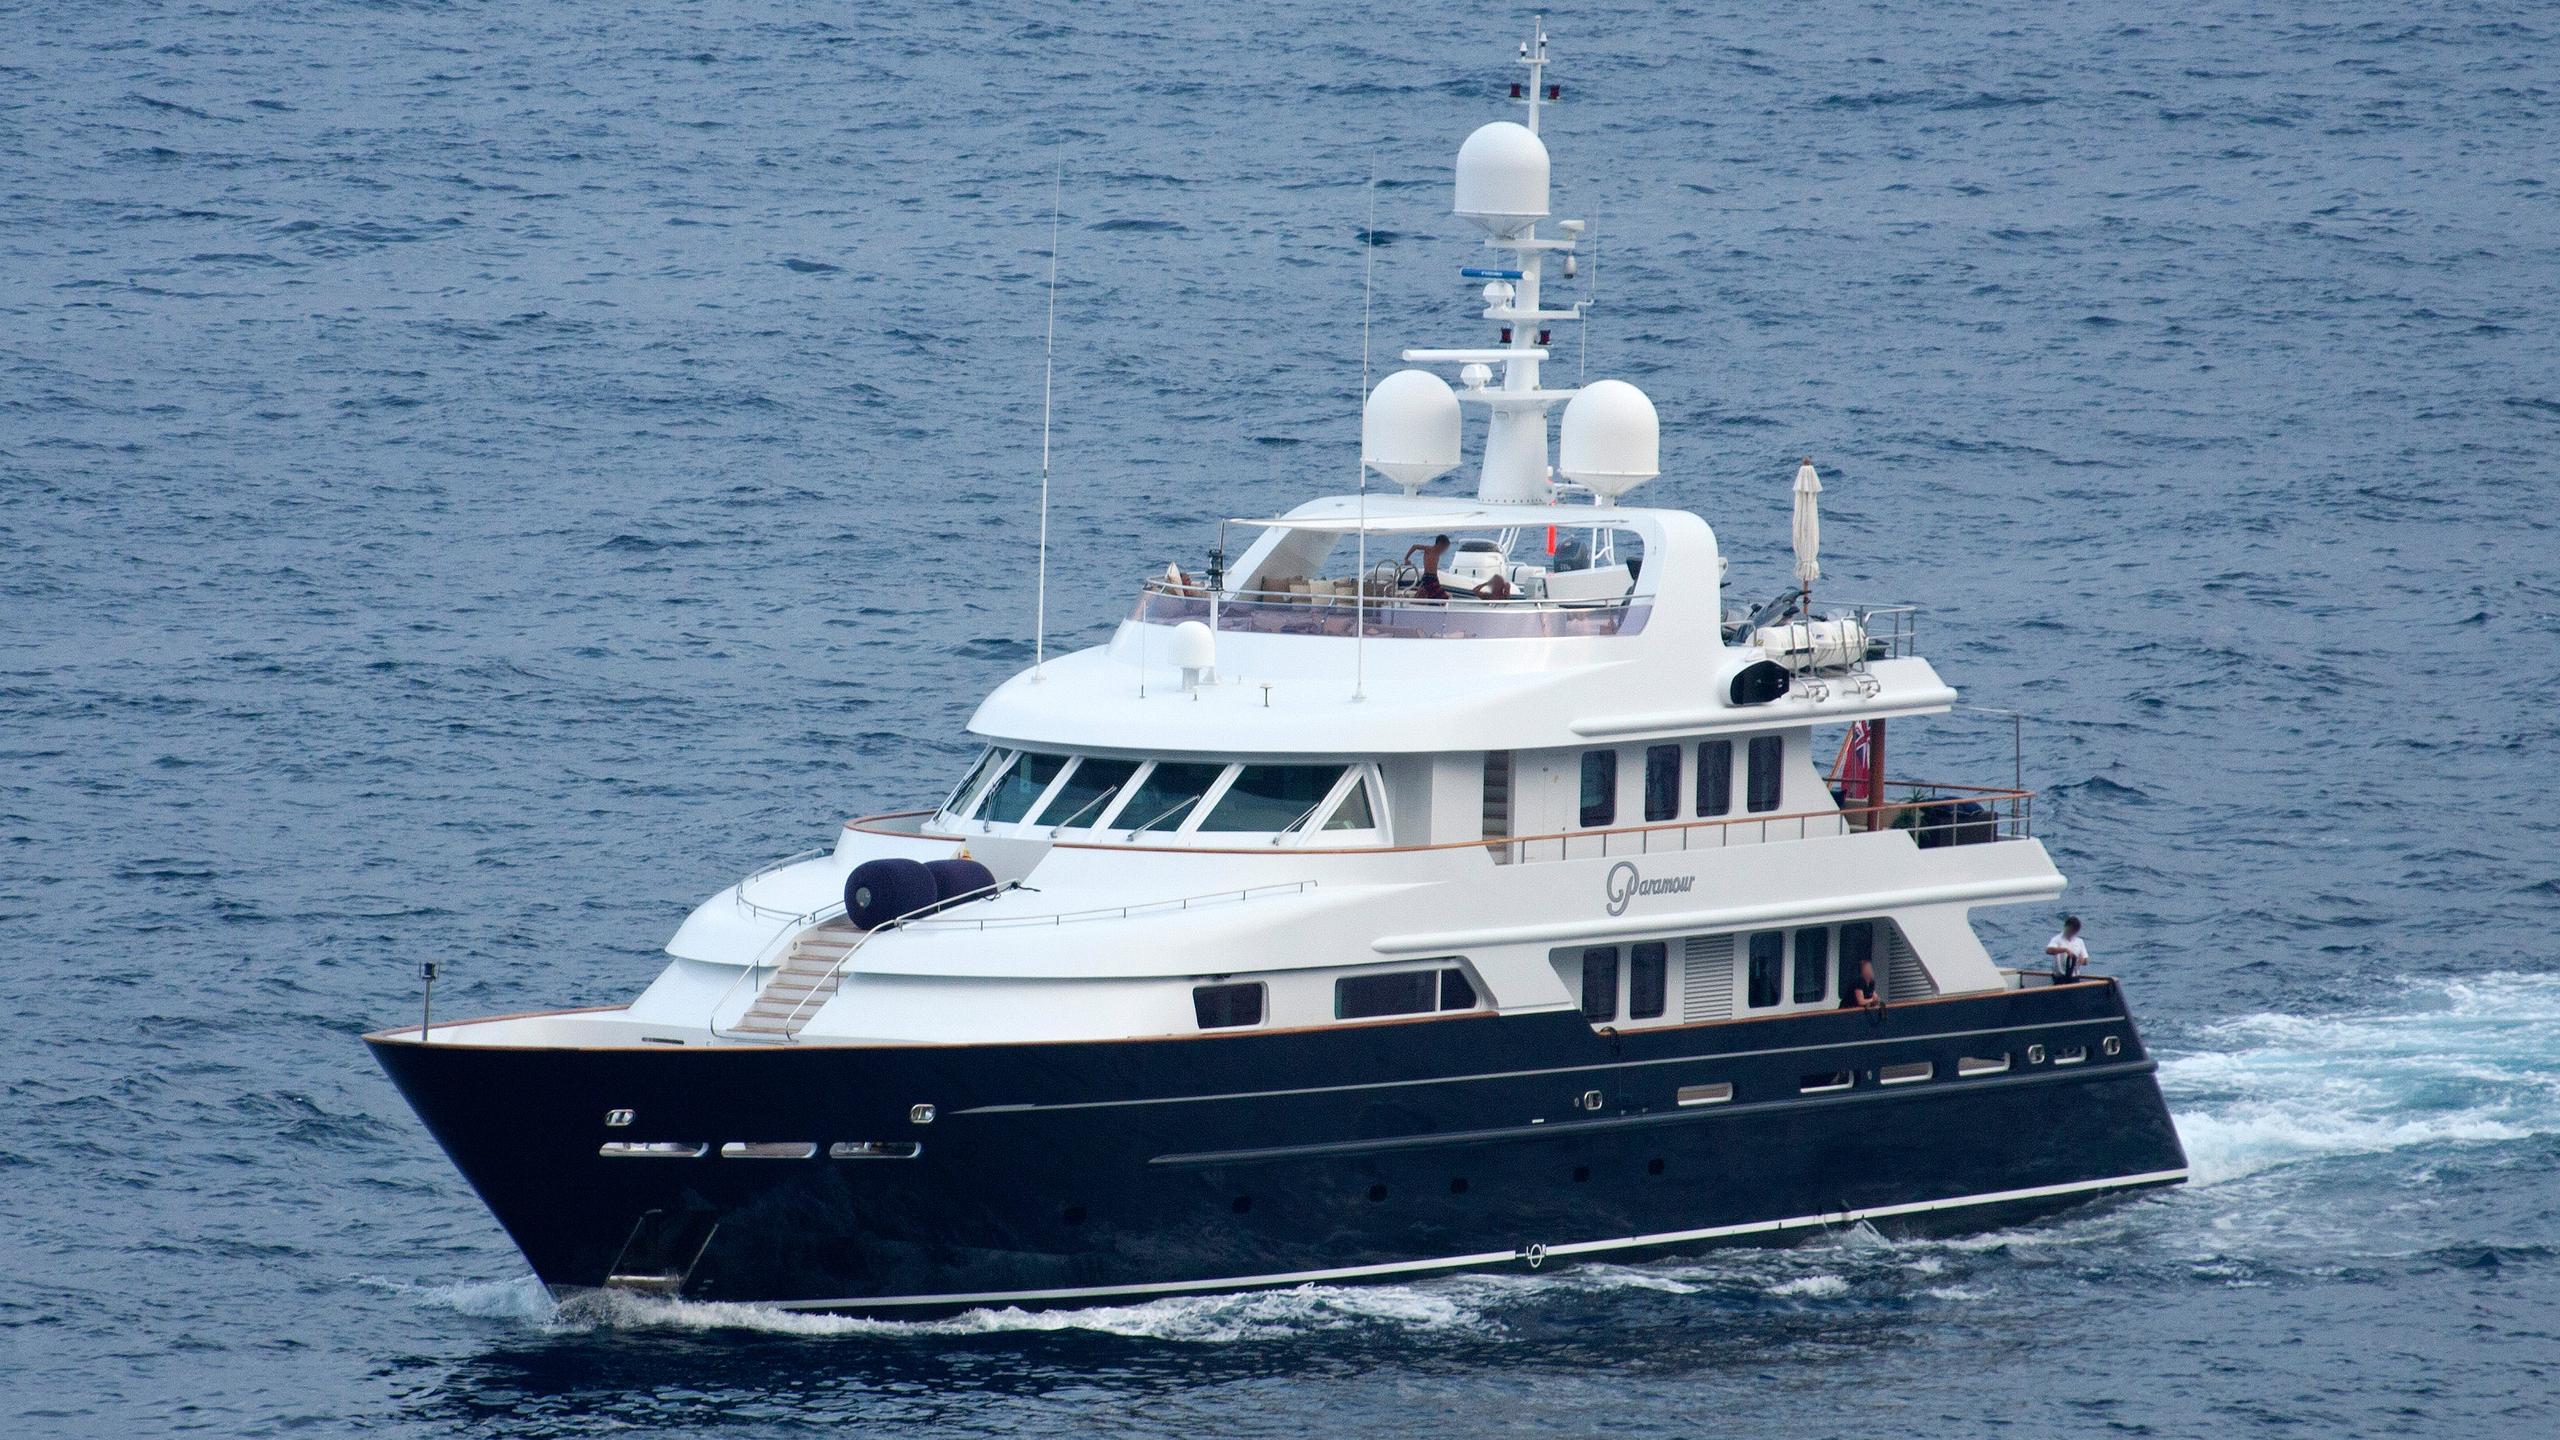 de-de-motor-yacht-cmn-2002-43m-half-profile